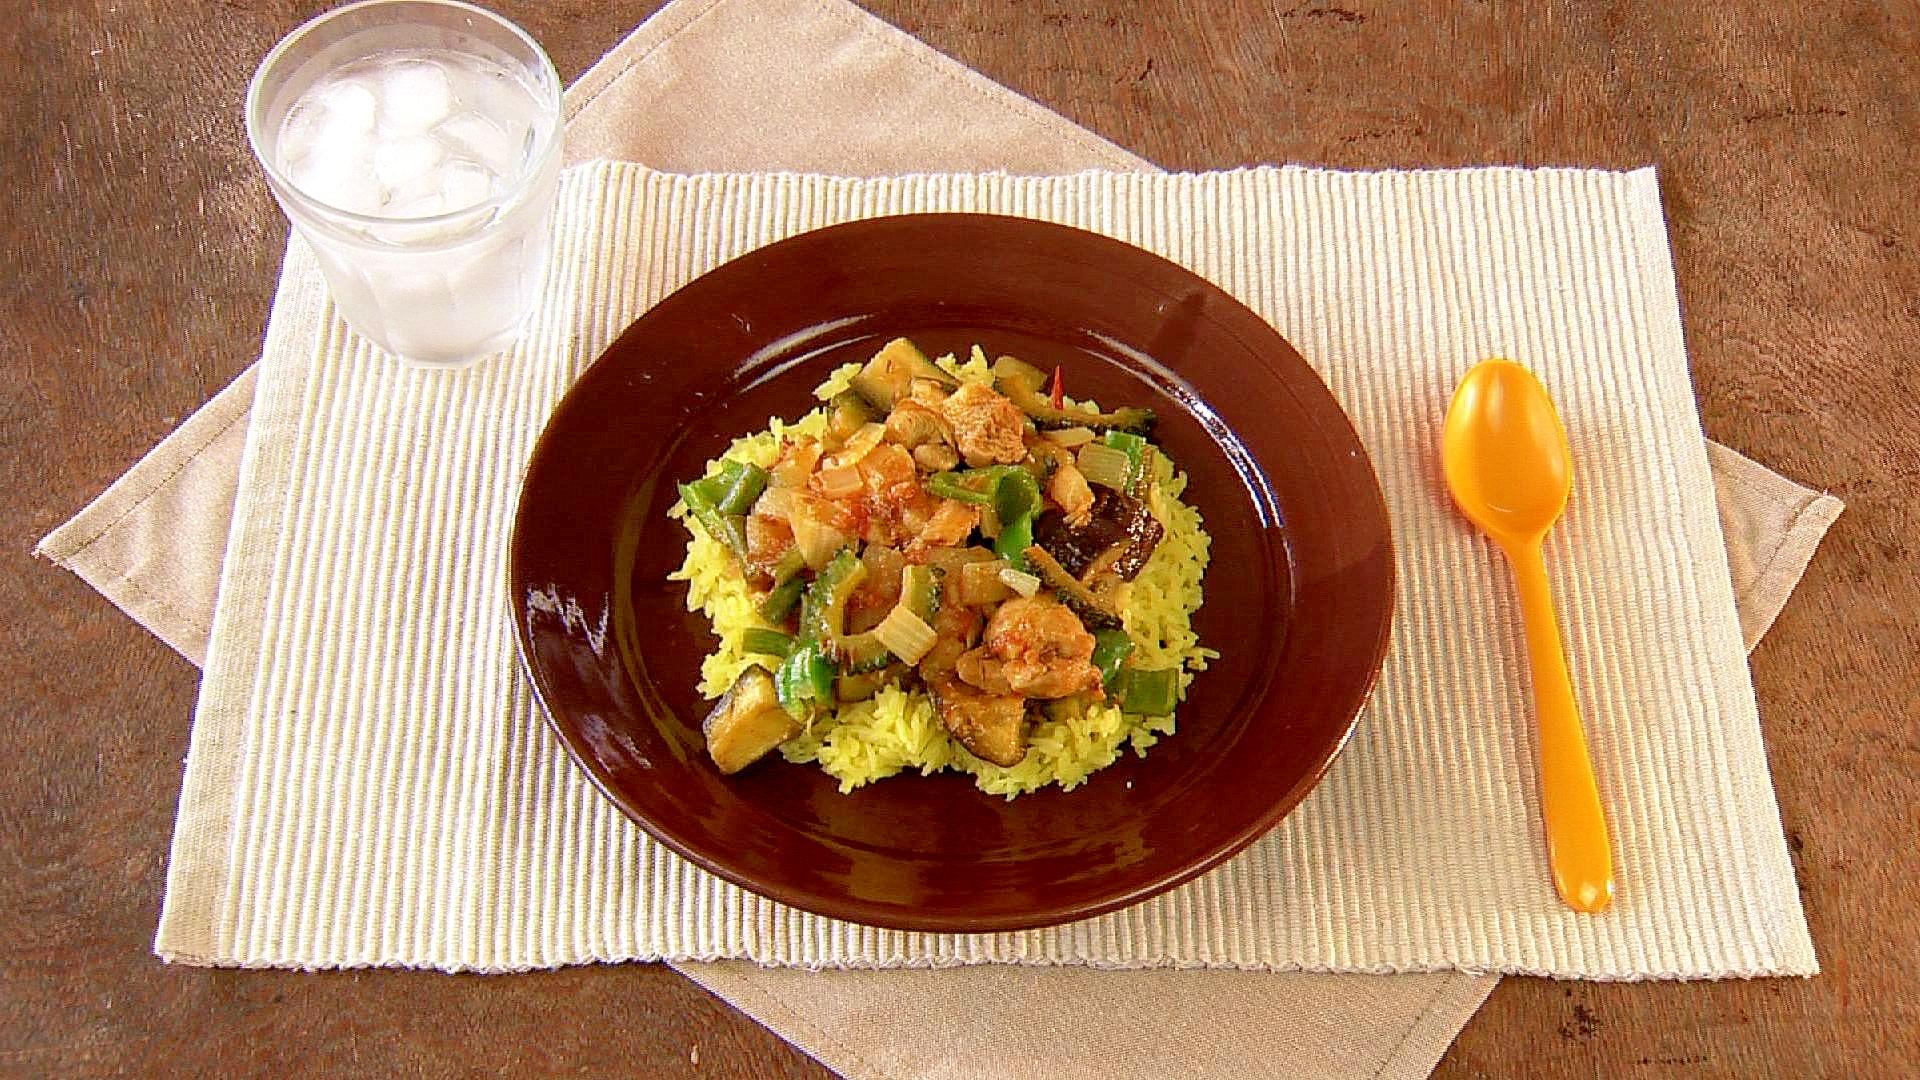 チキンと夏野菜のスパイス炒めカレー